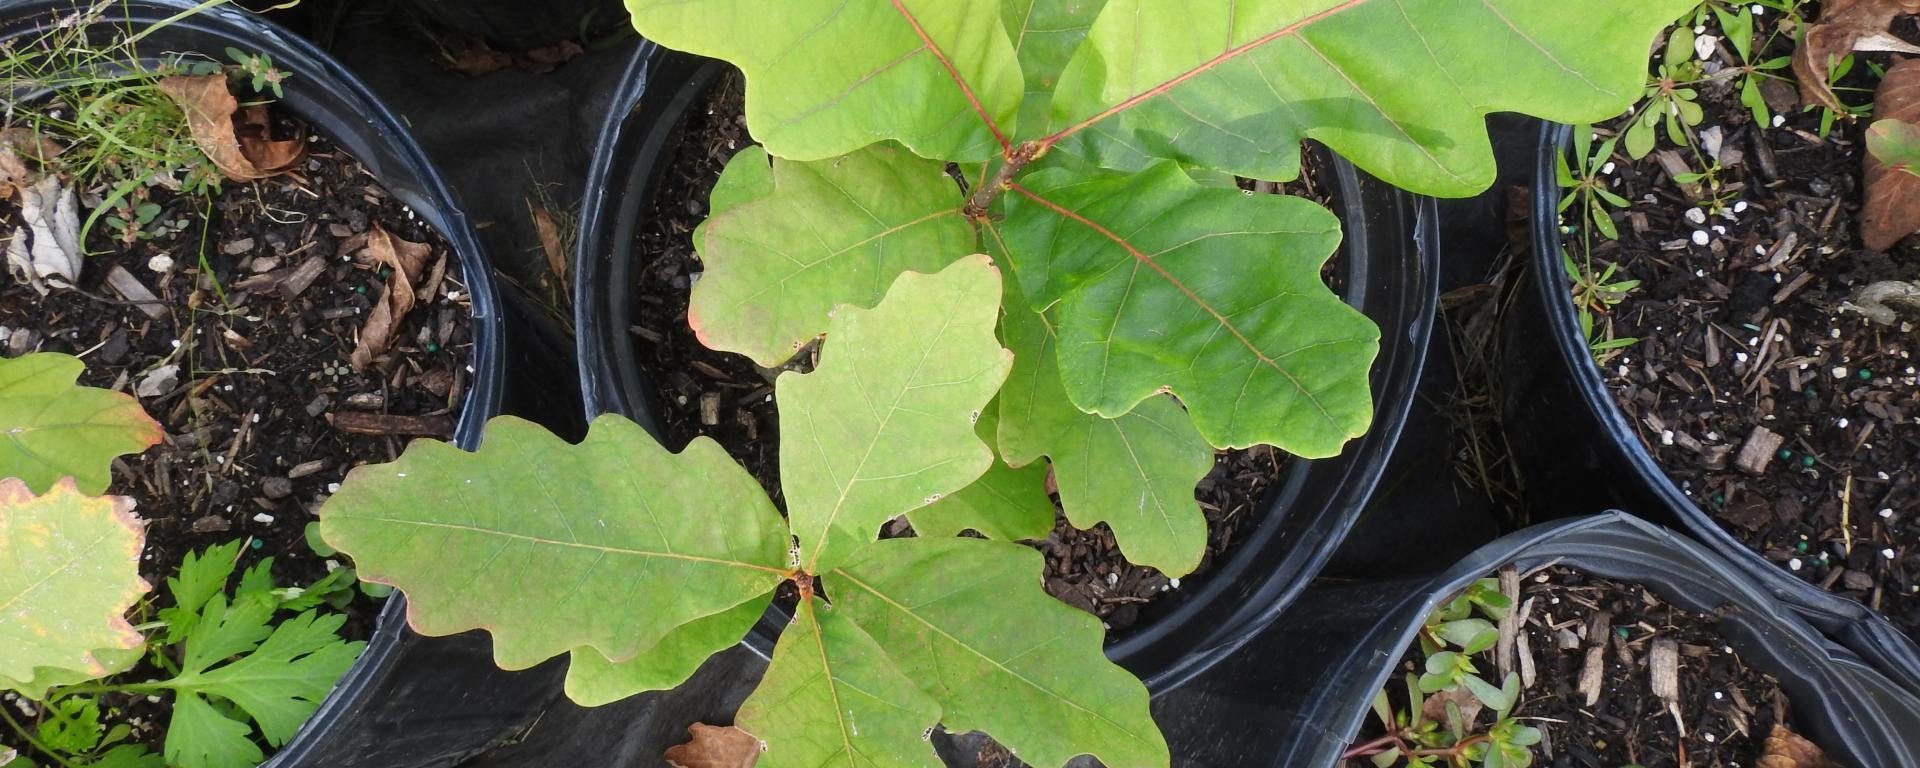 oak seedlings in pots